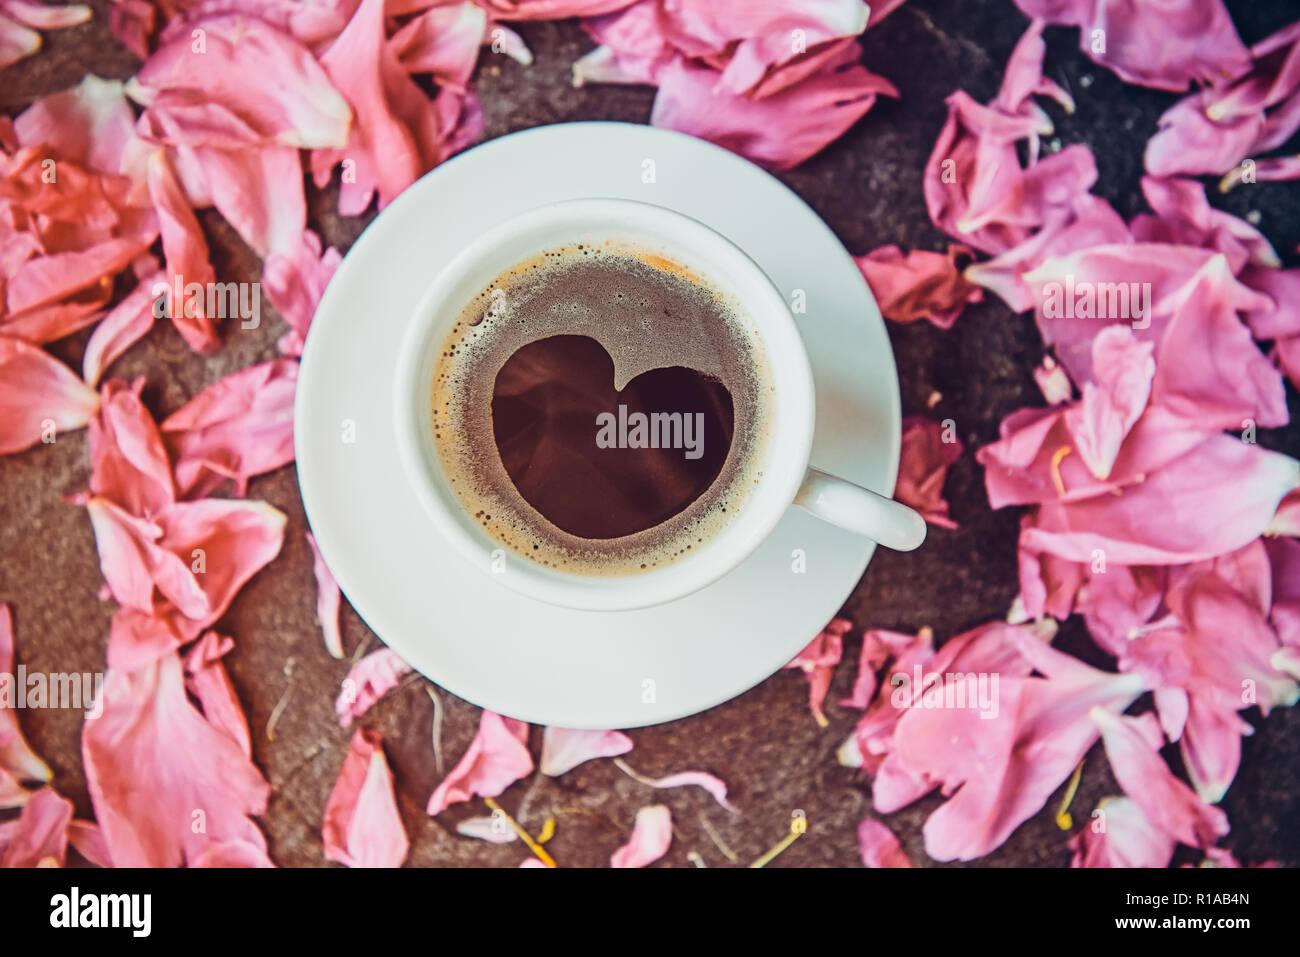 Flach Tasse Kaffee Mit Herz Muster Mit Rosa Pfingstrose Blüten Auf